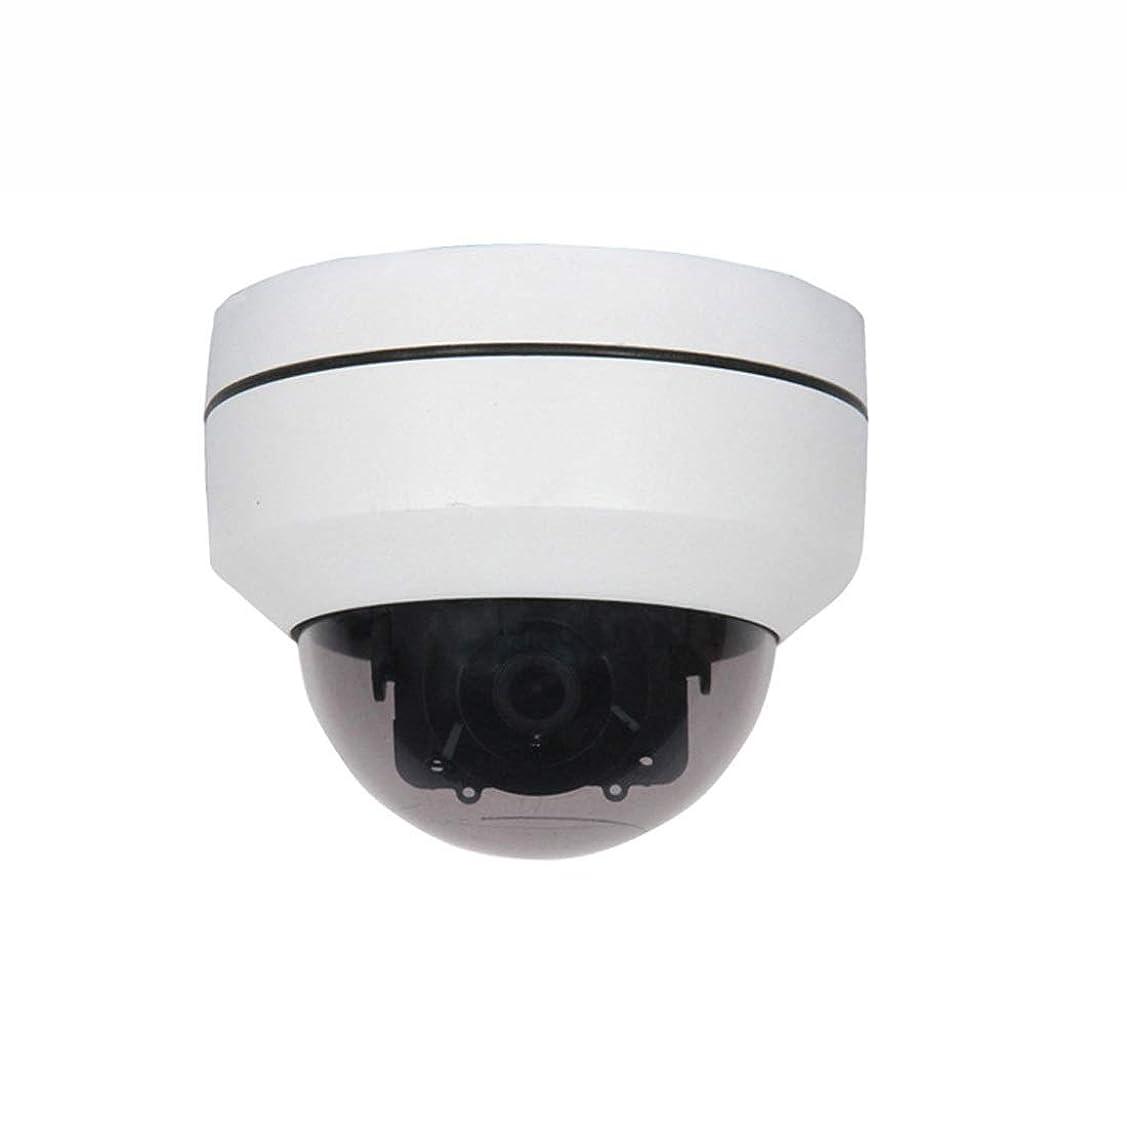 差別的名誉雄弁JPAKIOS HD 25インチパン/チルトズームドームメタルネットワークカメラミニカメラ (色 : ホワイト)